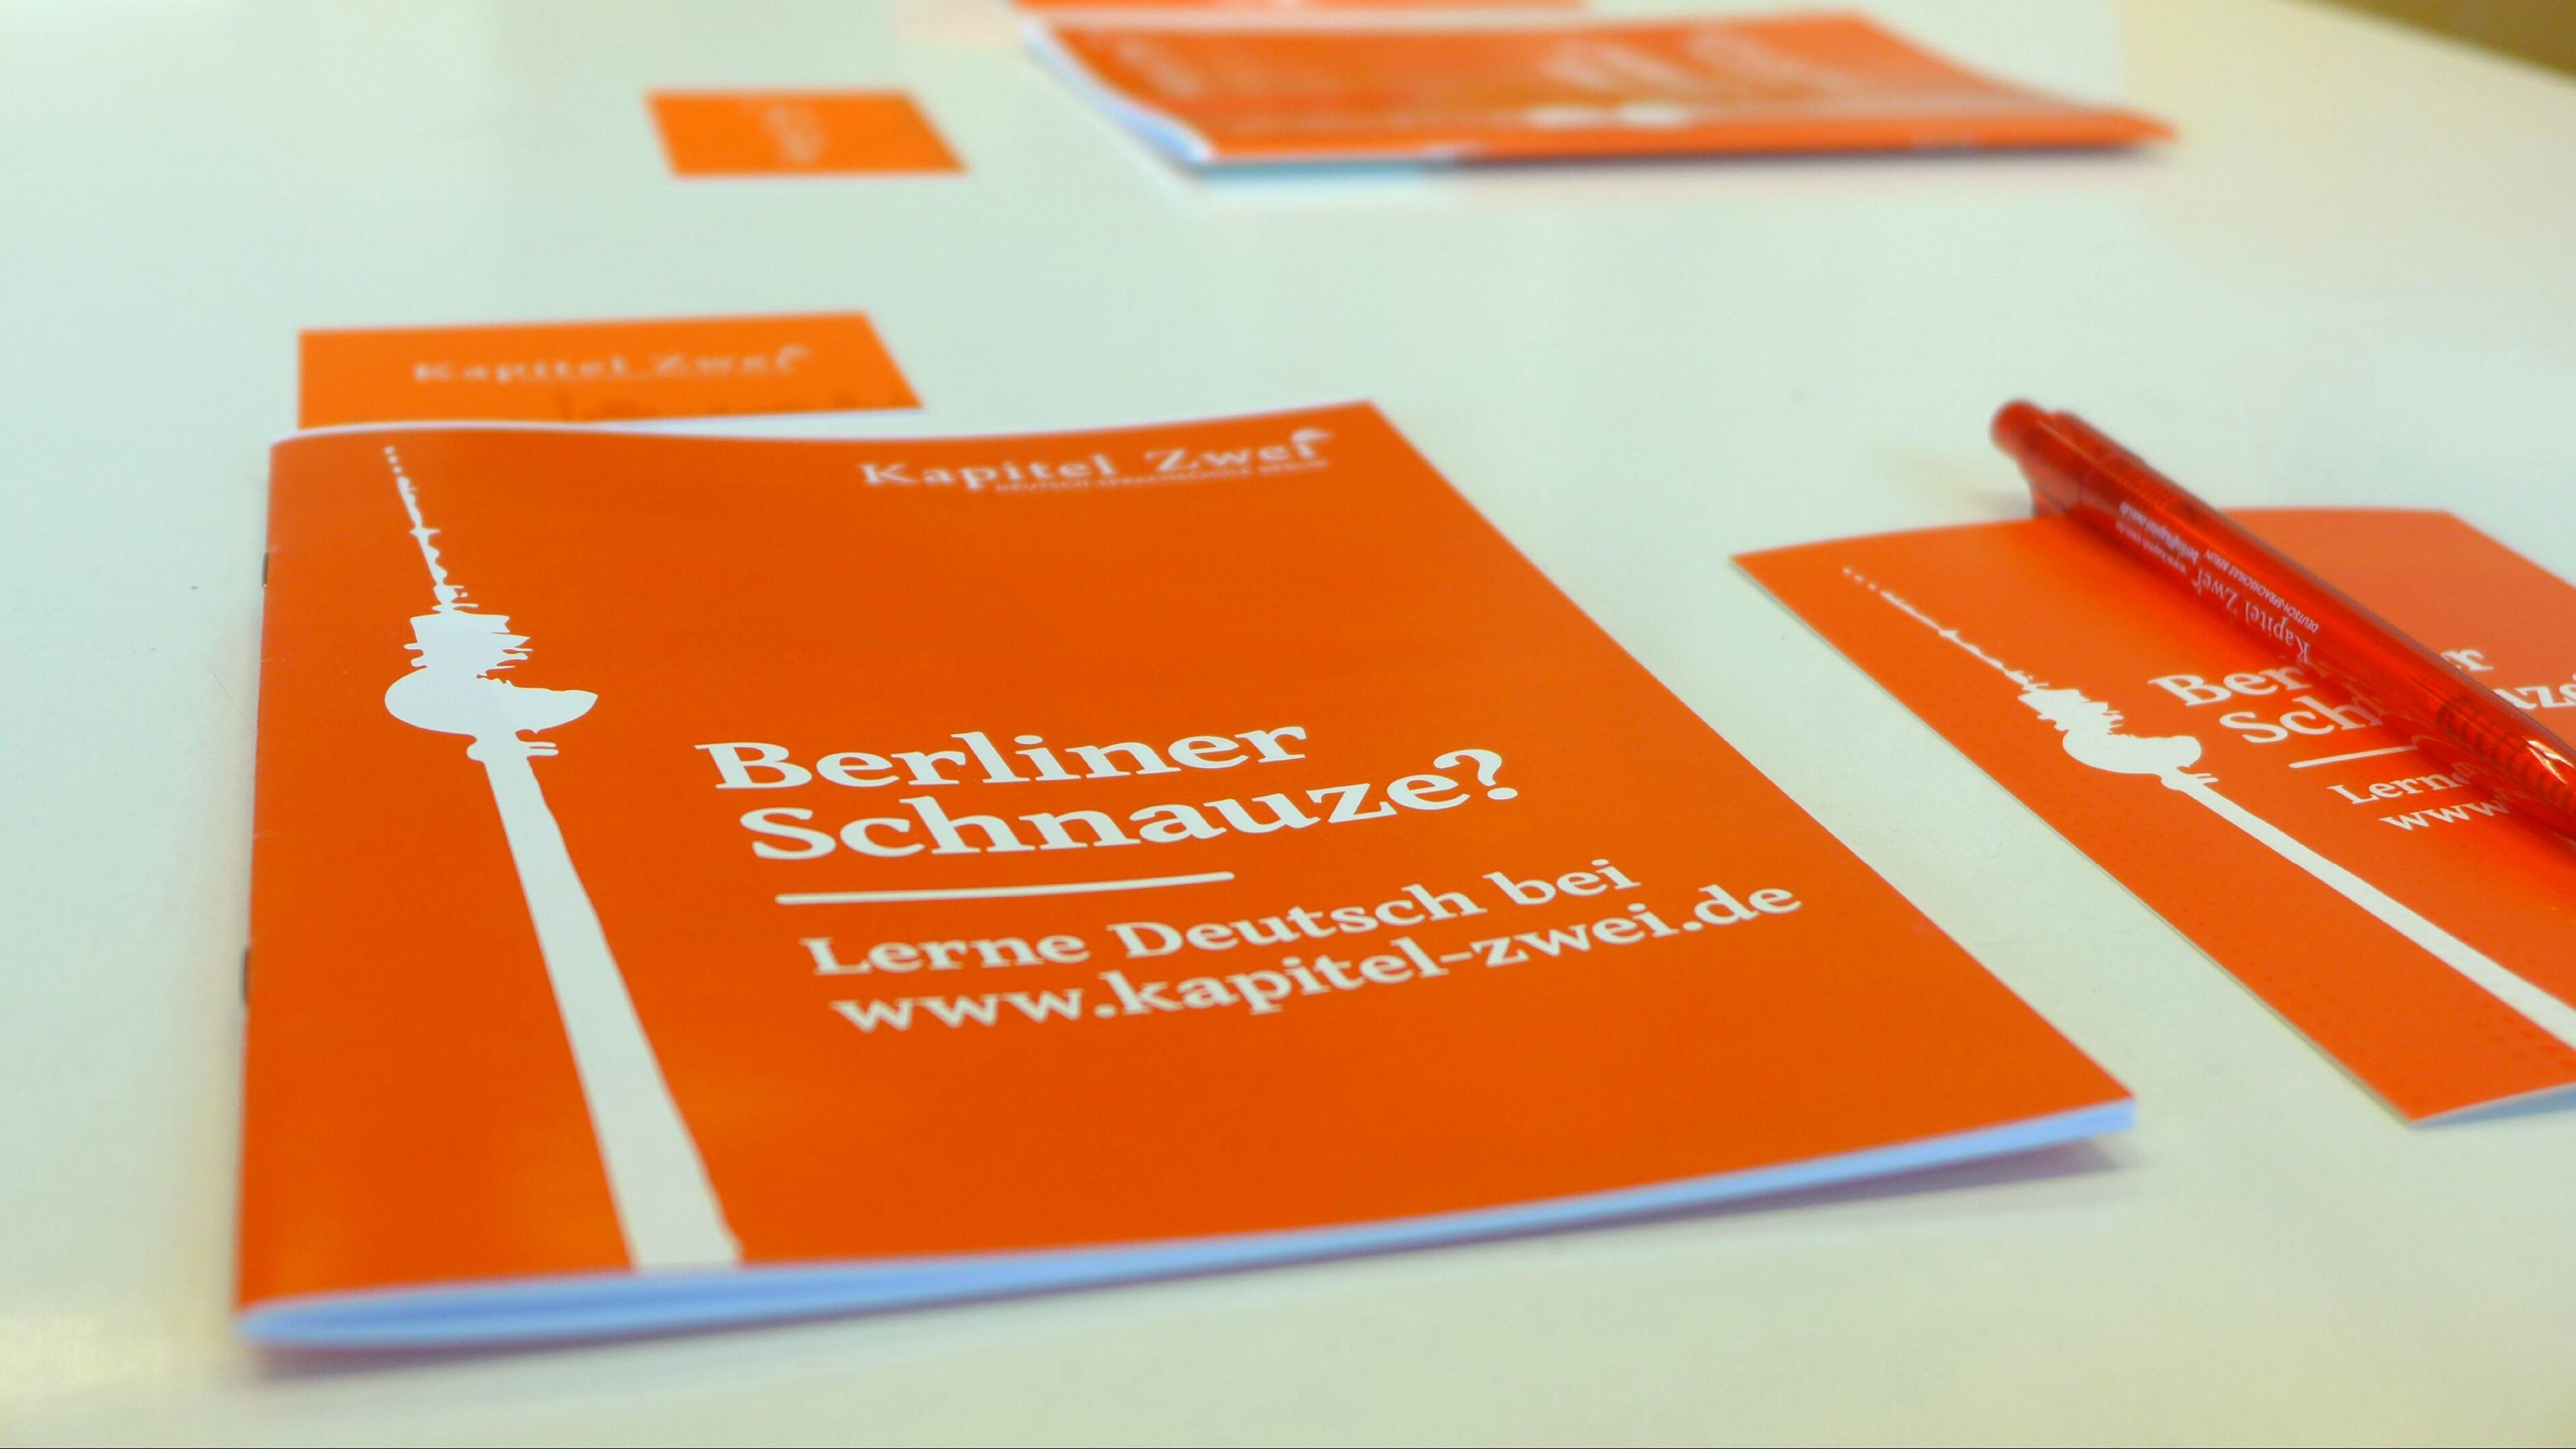 Kapitel Zwei Berlin Online Deutsch lernen